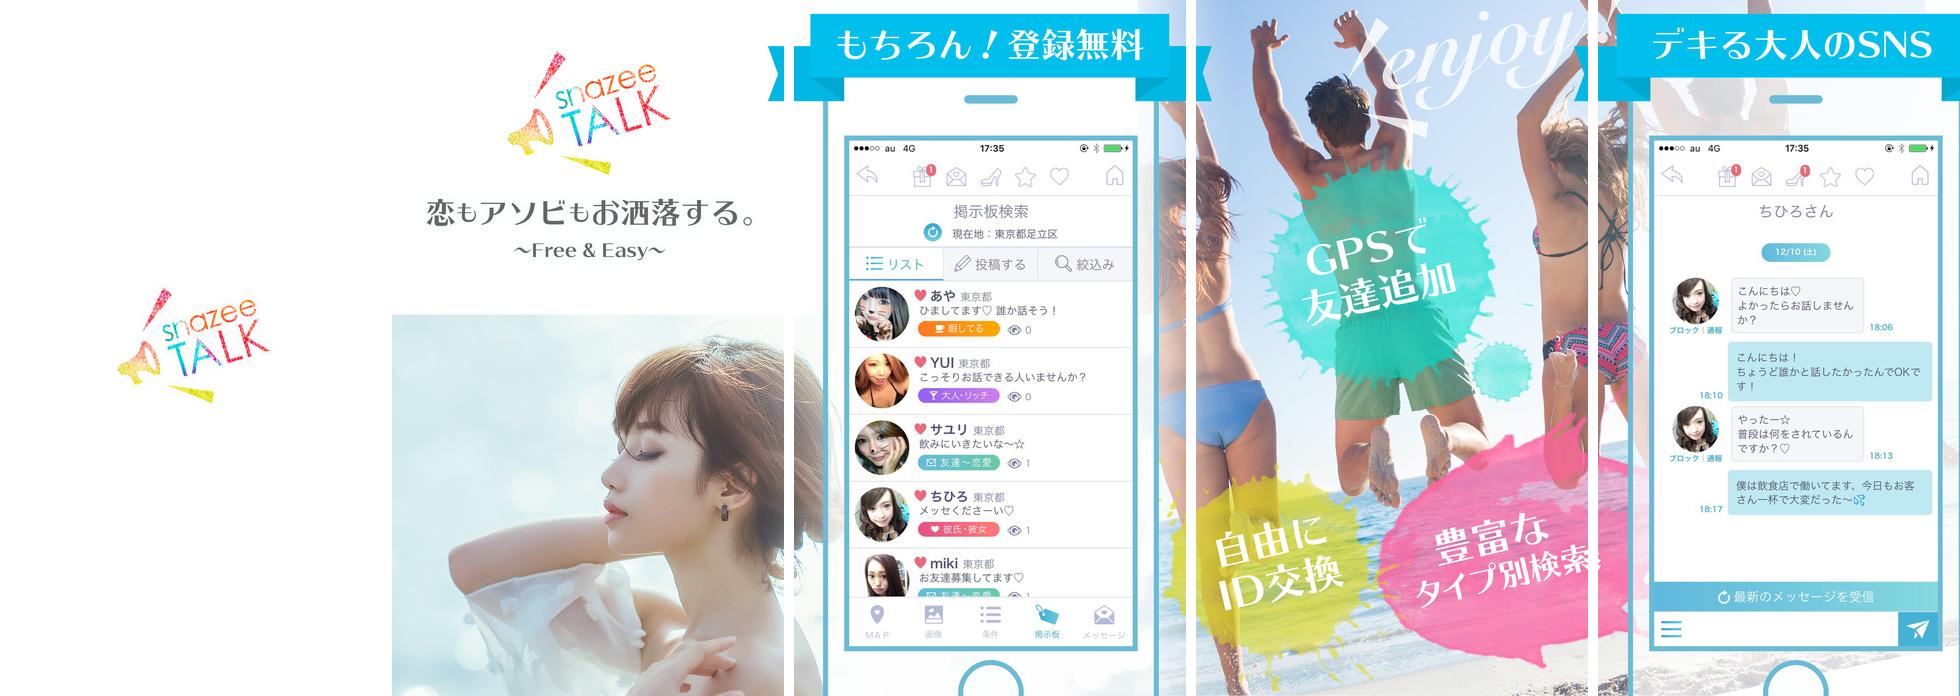 今日の友達探しは登録無料のSNSチャットアプリ!【snazee】ID交換で即会い-SNSチャットアプリ-